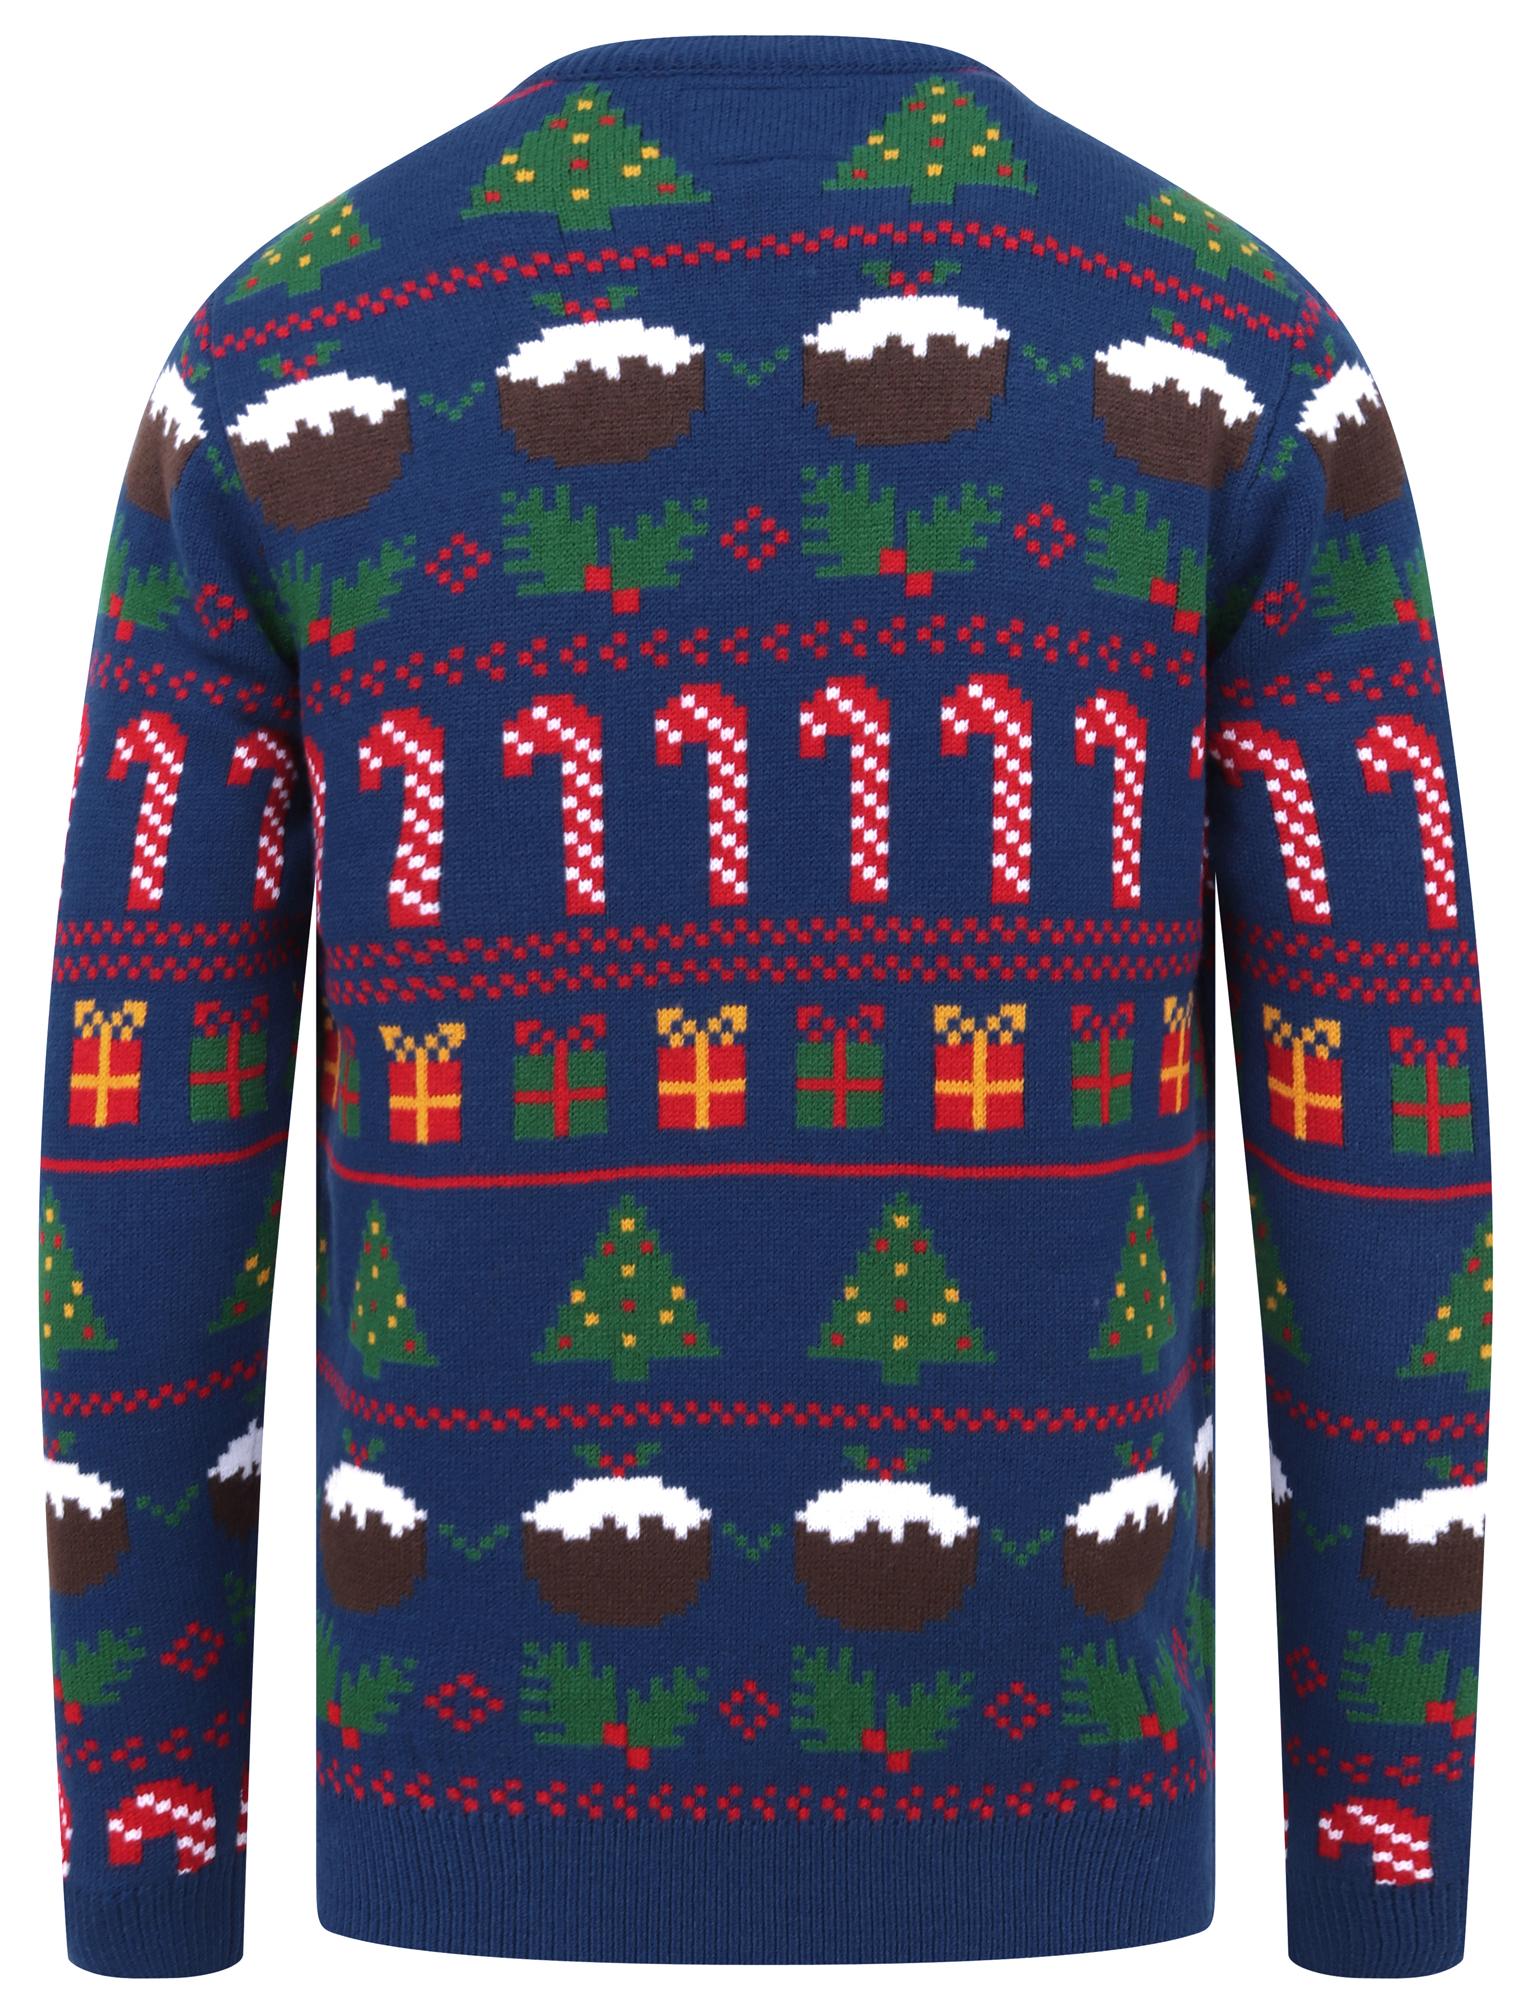 Feliz-Navidad-Para-Hombre-Novedad-Navidad-Sueter-Santa-Elfo-Reno-divertido-Cerveza miniatura 7